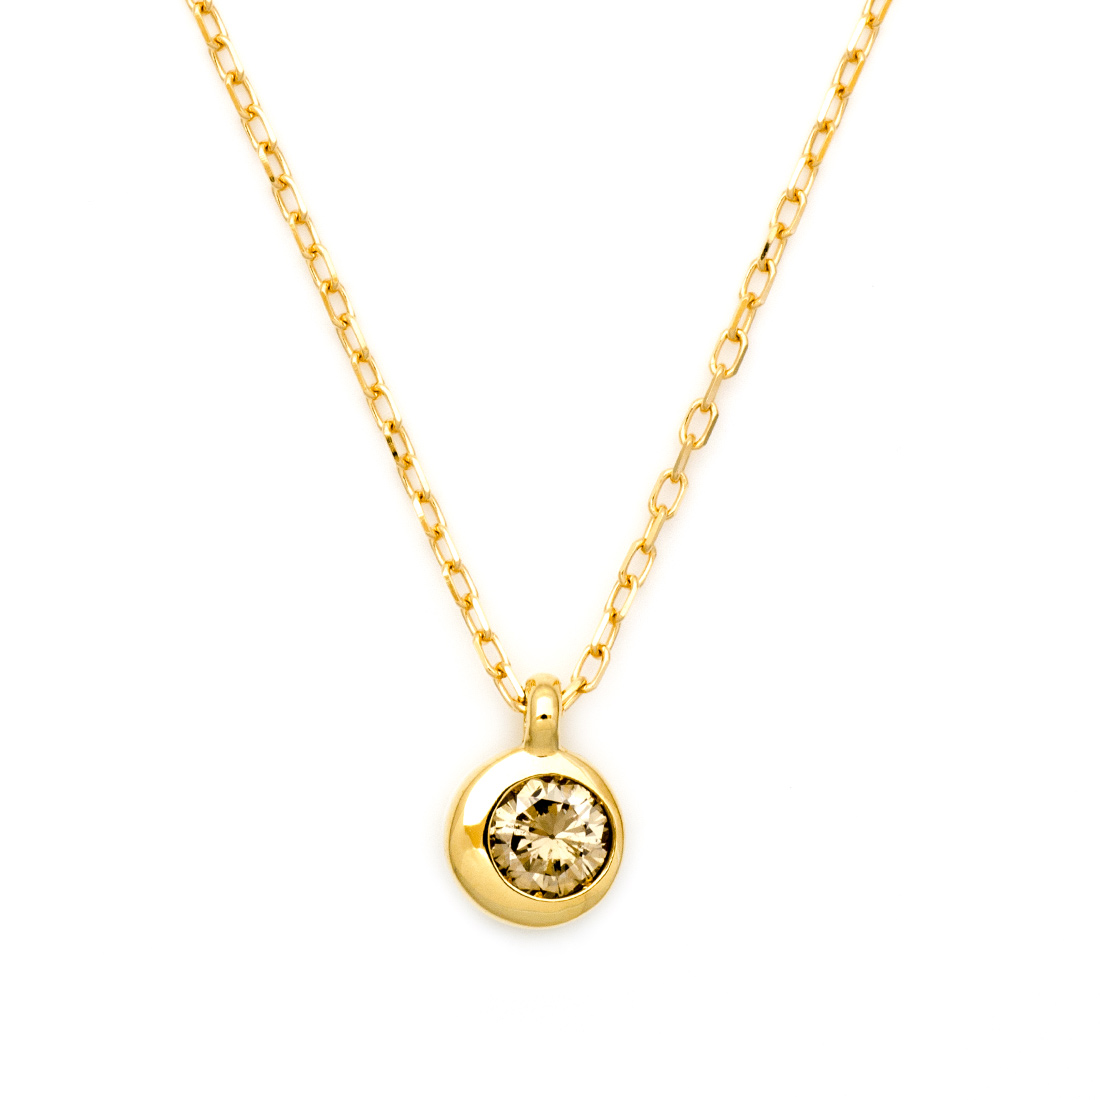 【GWクーポン配布中】ペンダント ブラウンダイヤモンド 0.1ct ゴールド K18 「Moon」 アズキチェーン 送料無料